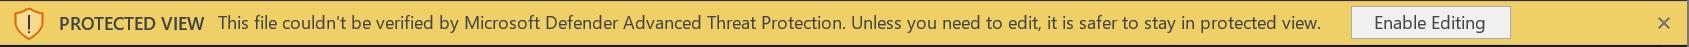 Screenshot da barra de negócios MDATP se ocorrer um erro durante a digitalização do ficheiro